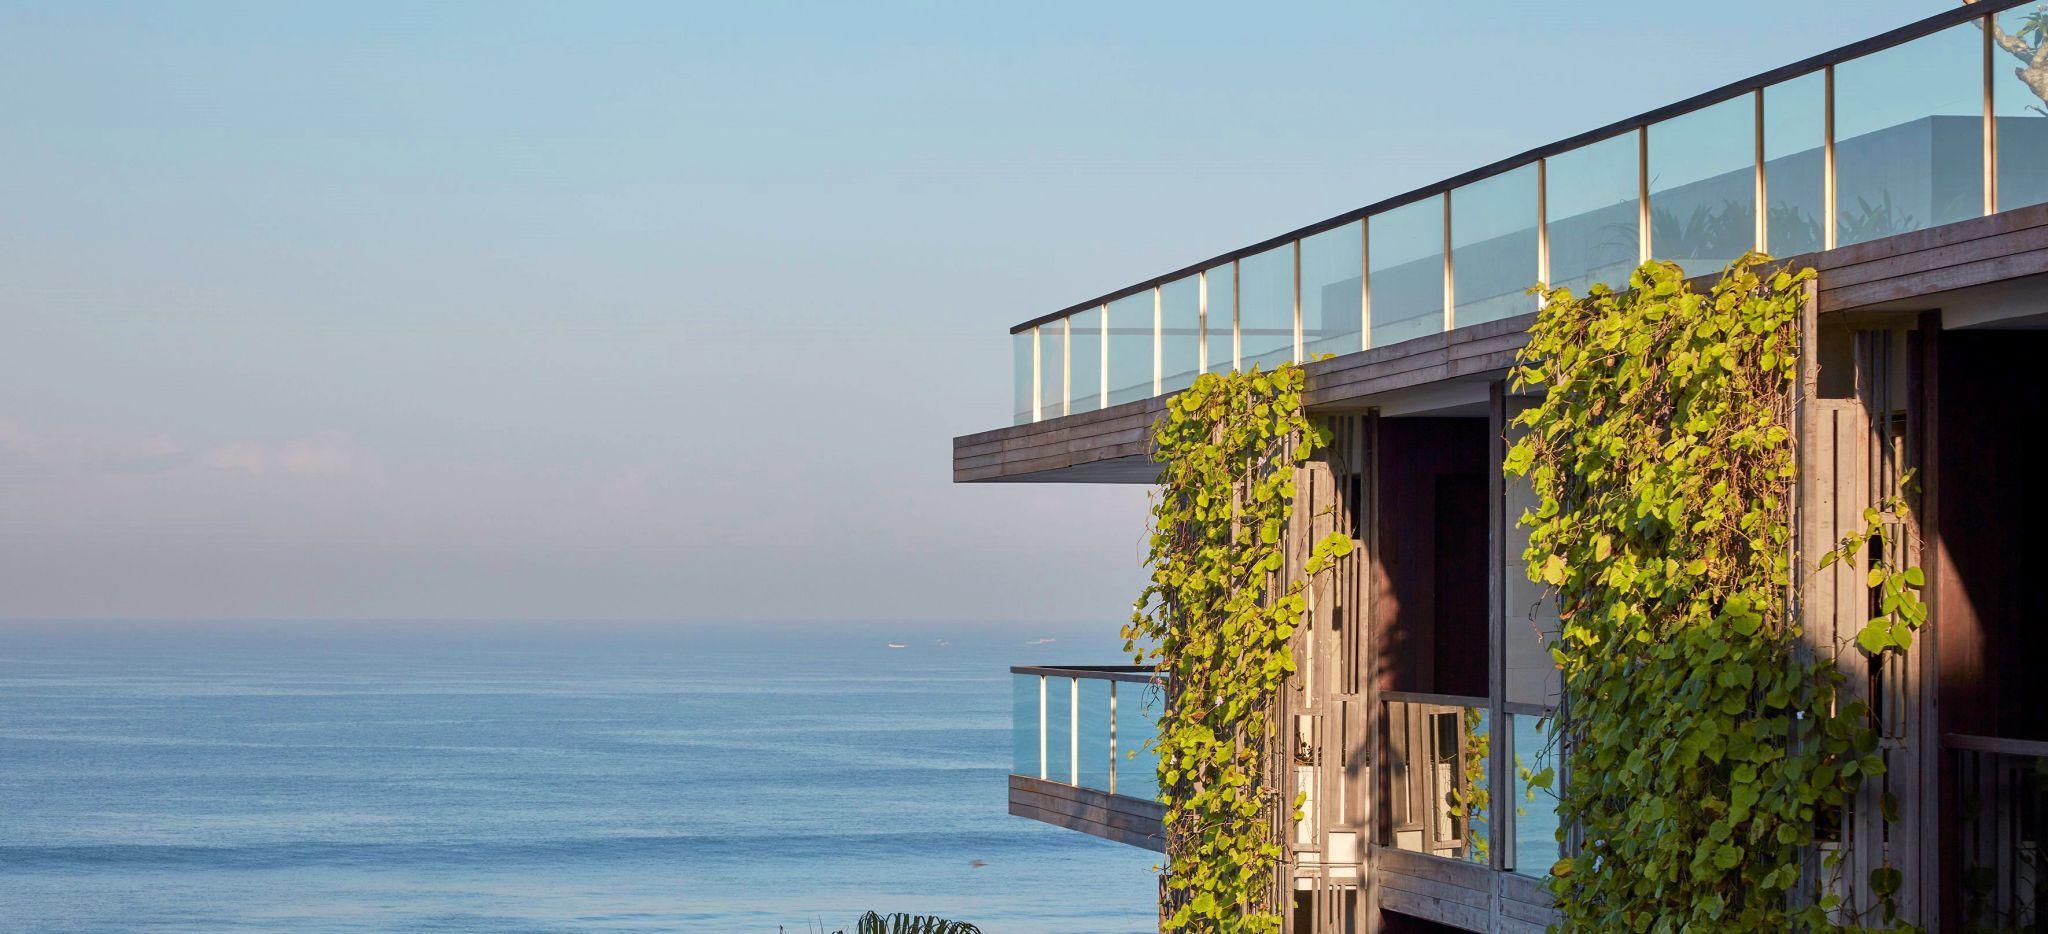 Balkon mit vertkalem Grünbewuchs mit Blick auf das Meer